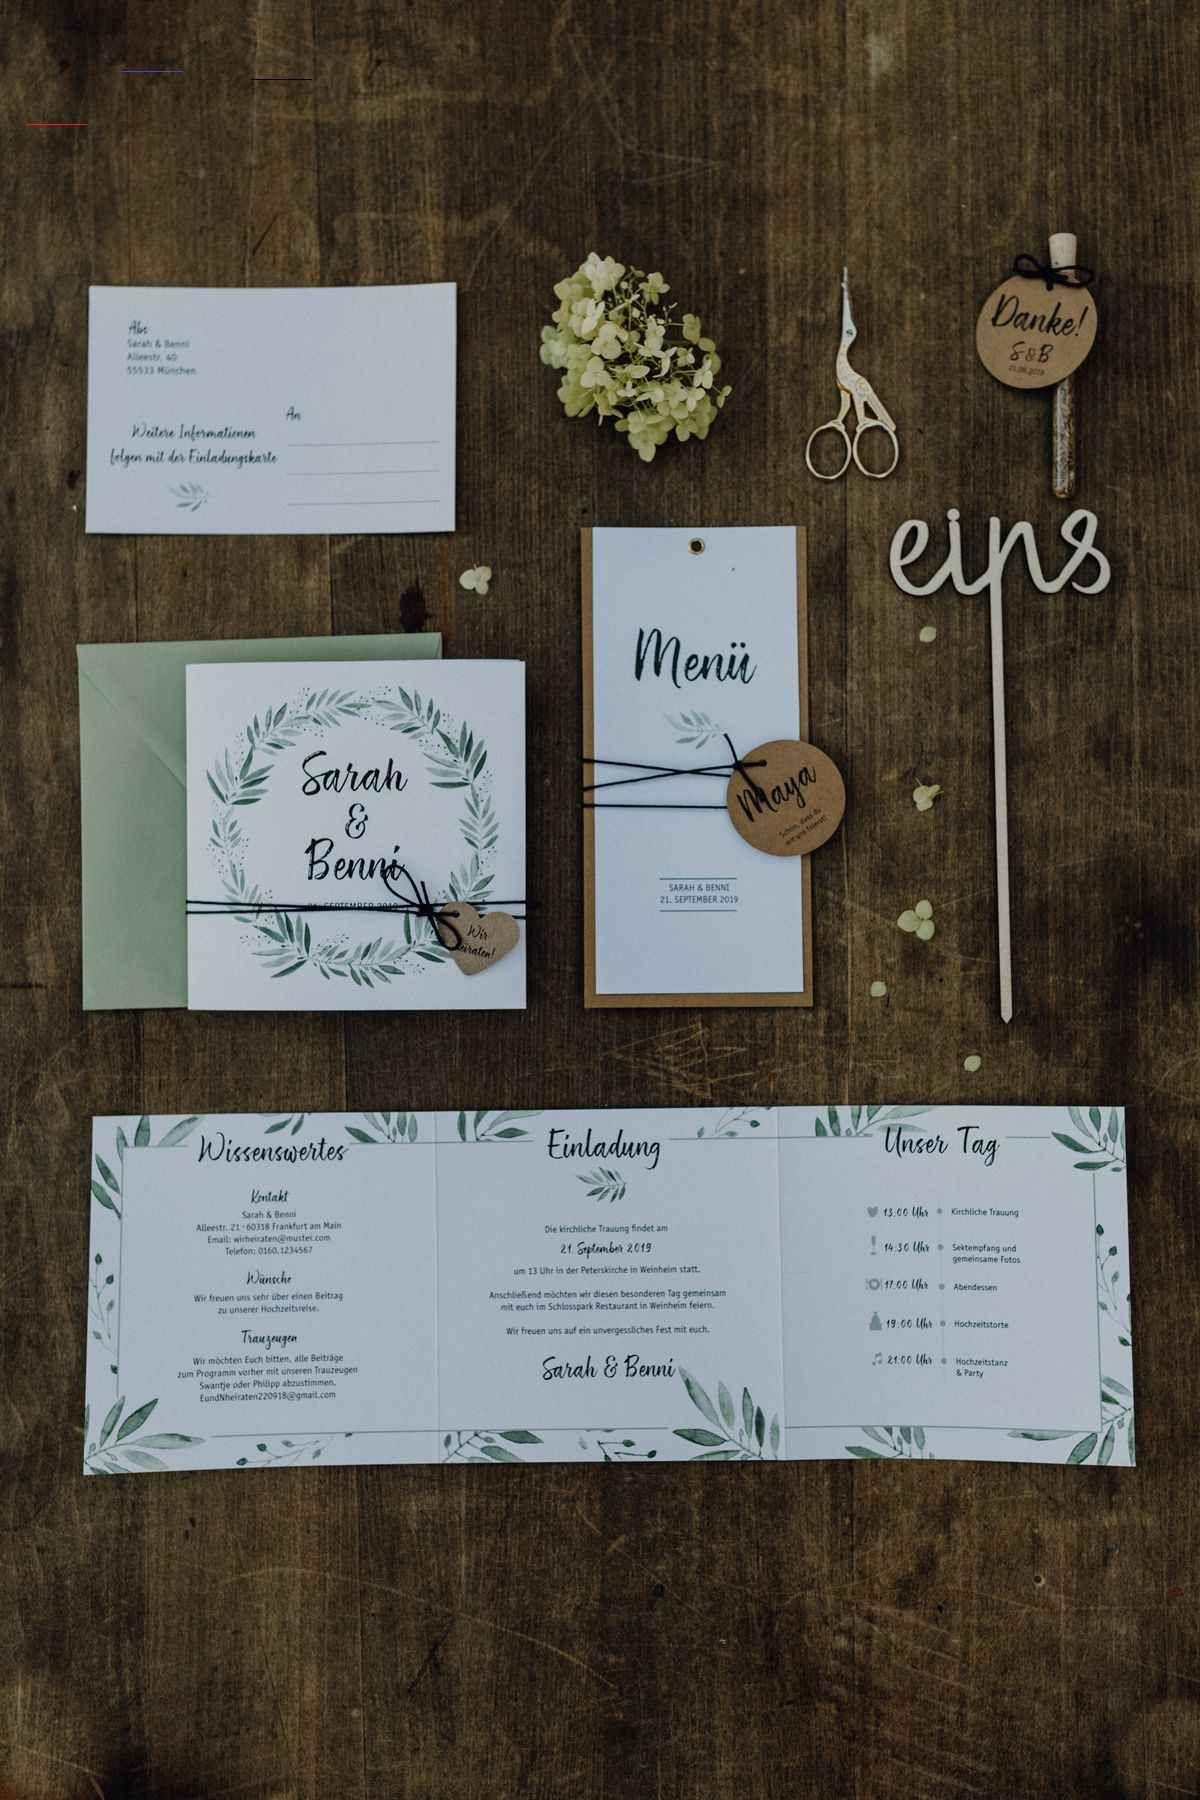 Personalizedwedding Bitte Beachtet Die Staffelpreise Ein Kartentraum Ist Die Bluhende Liebe E In 2020 Wedding Invitations Wedding Invitation Cards Wedding Cards